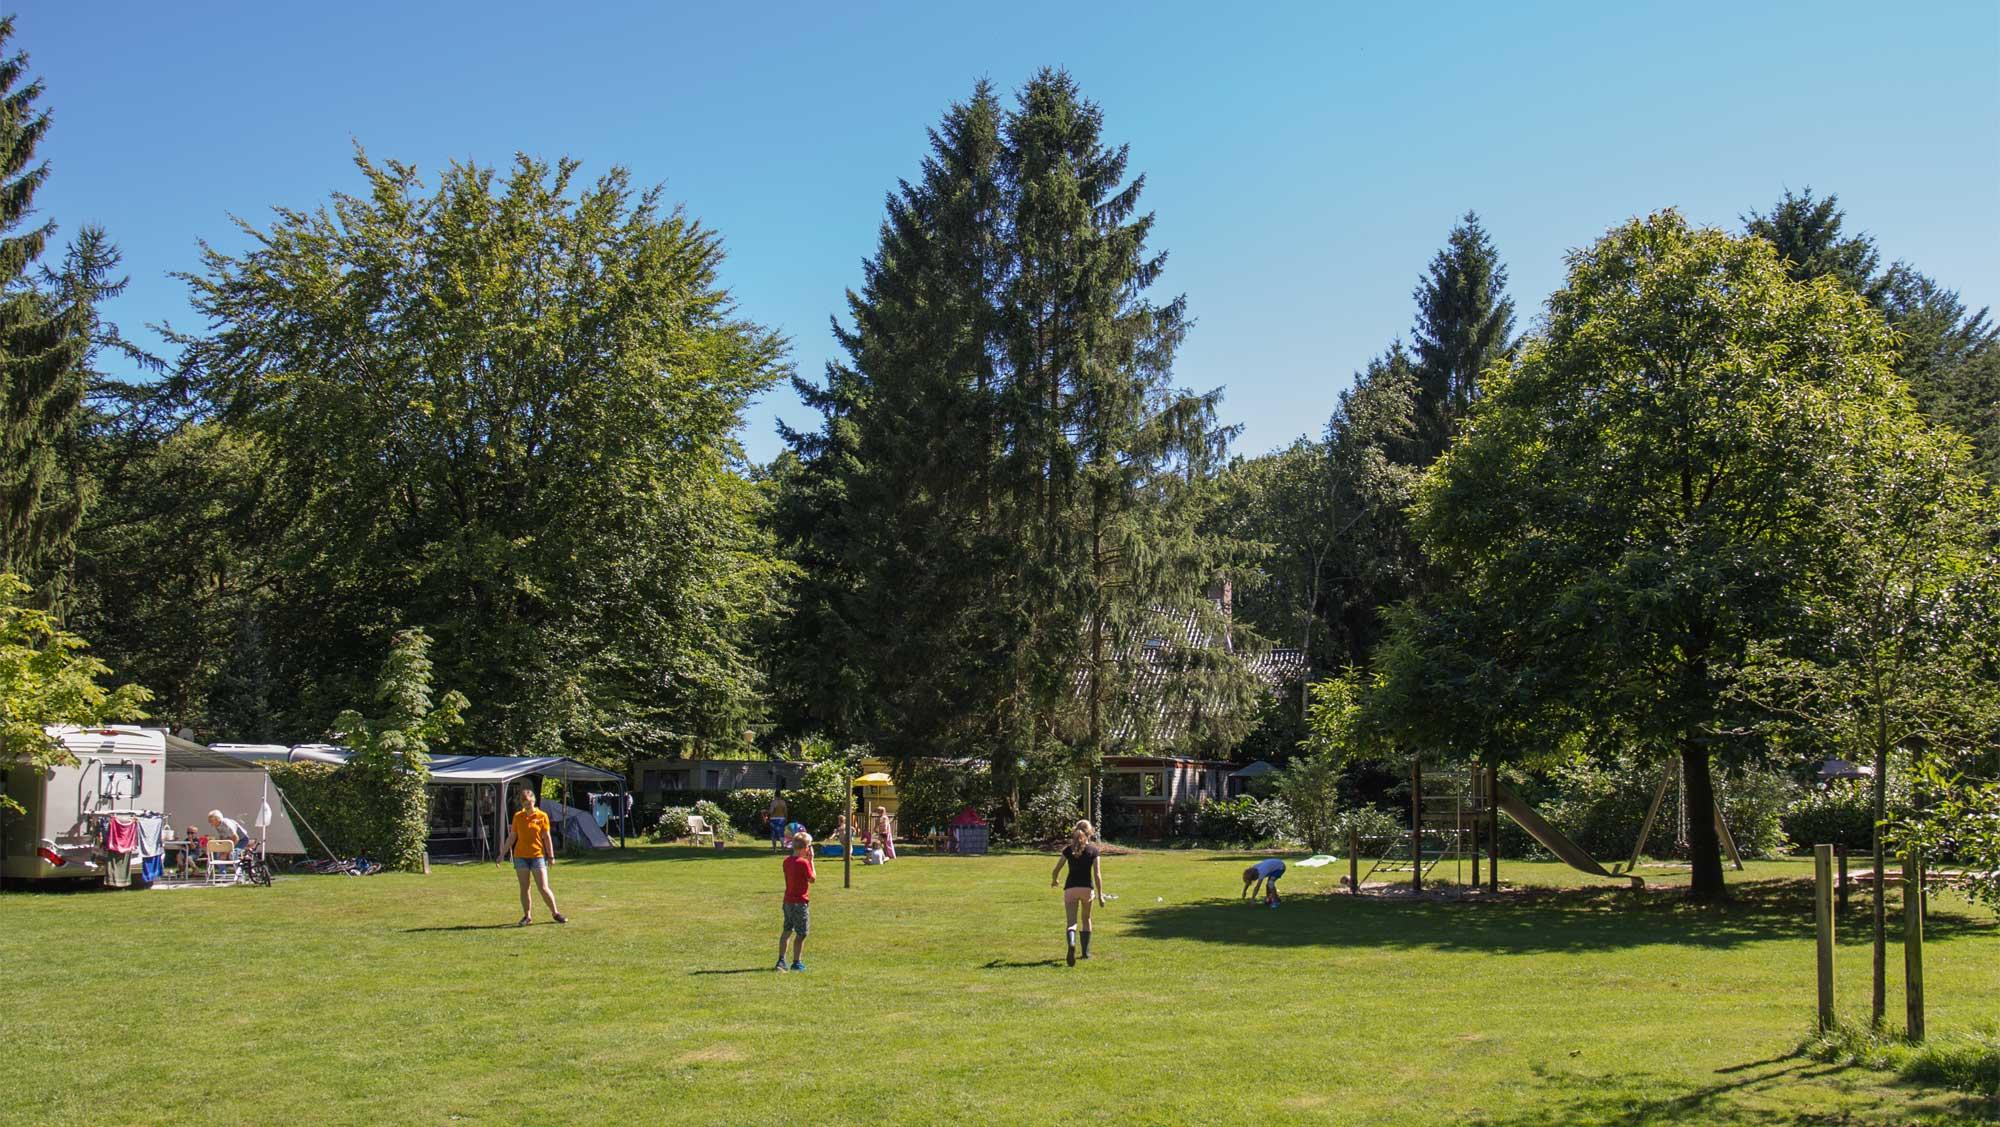 Basisplaats kamperen Molecaten Park Landgoed Molecaten 06